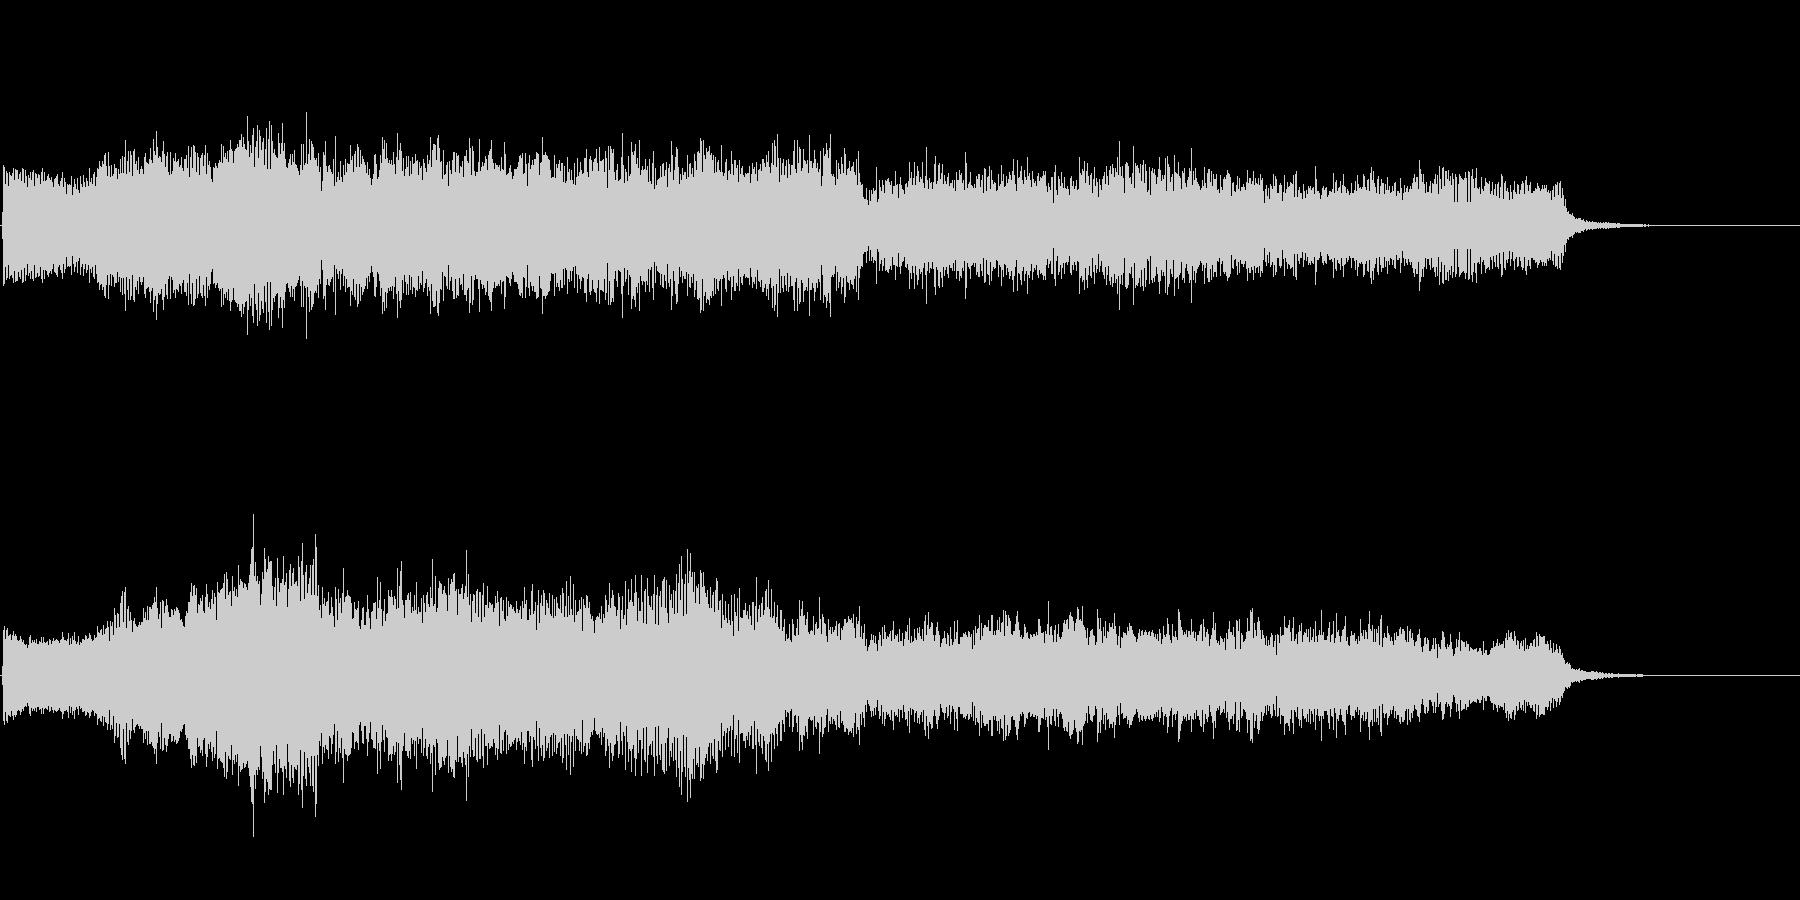 ダーク ホラーなストリングス 鐘の音入りの未再生の波形